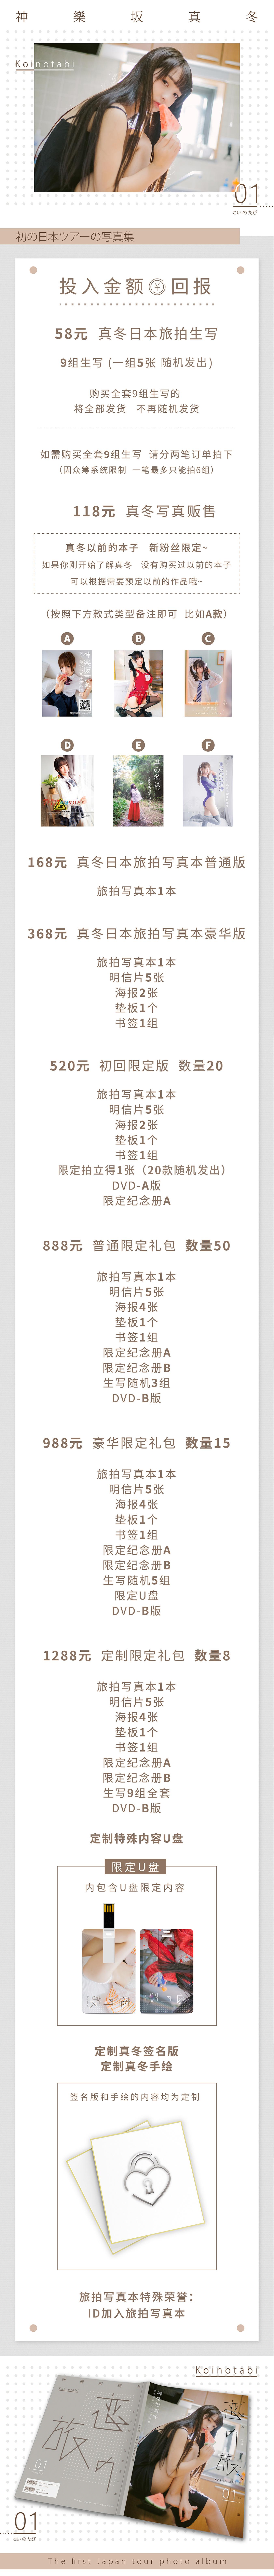 回报档-01s.jpg